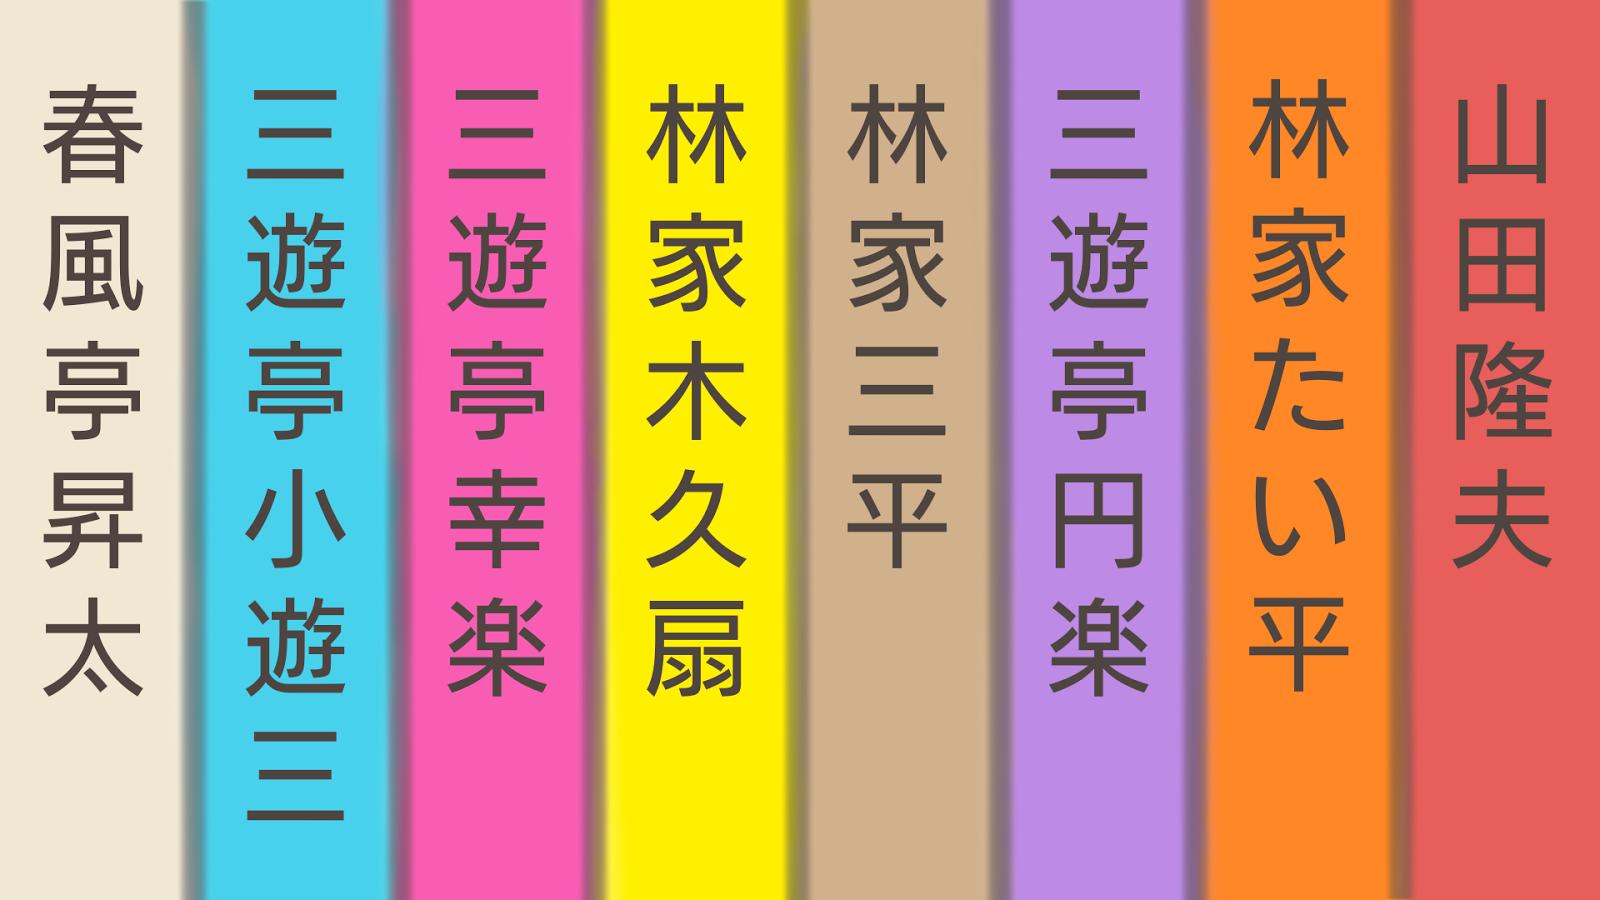 2016年の笑点のメンバー(春風亭昇太、三遊亭小遊三、三遊亭好楽、林家木久扇、林家三平、三遊亭円楽、林家たい平、山田隆夫)の着物の名前